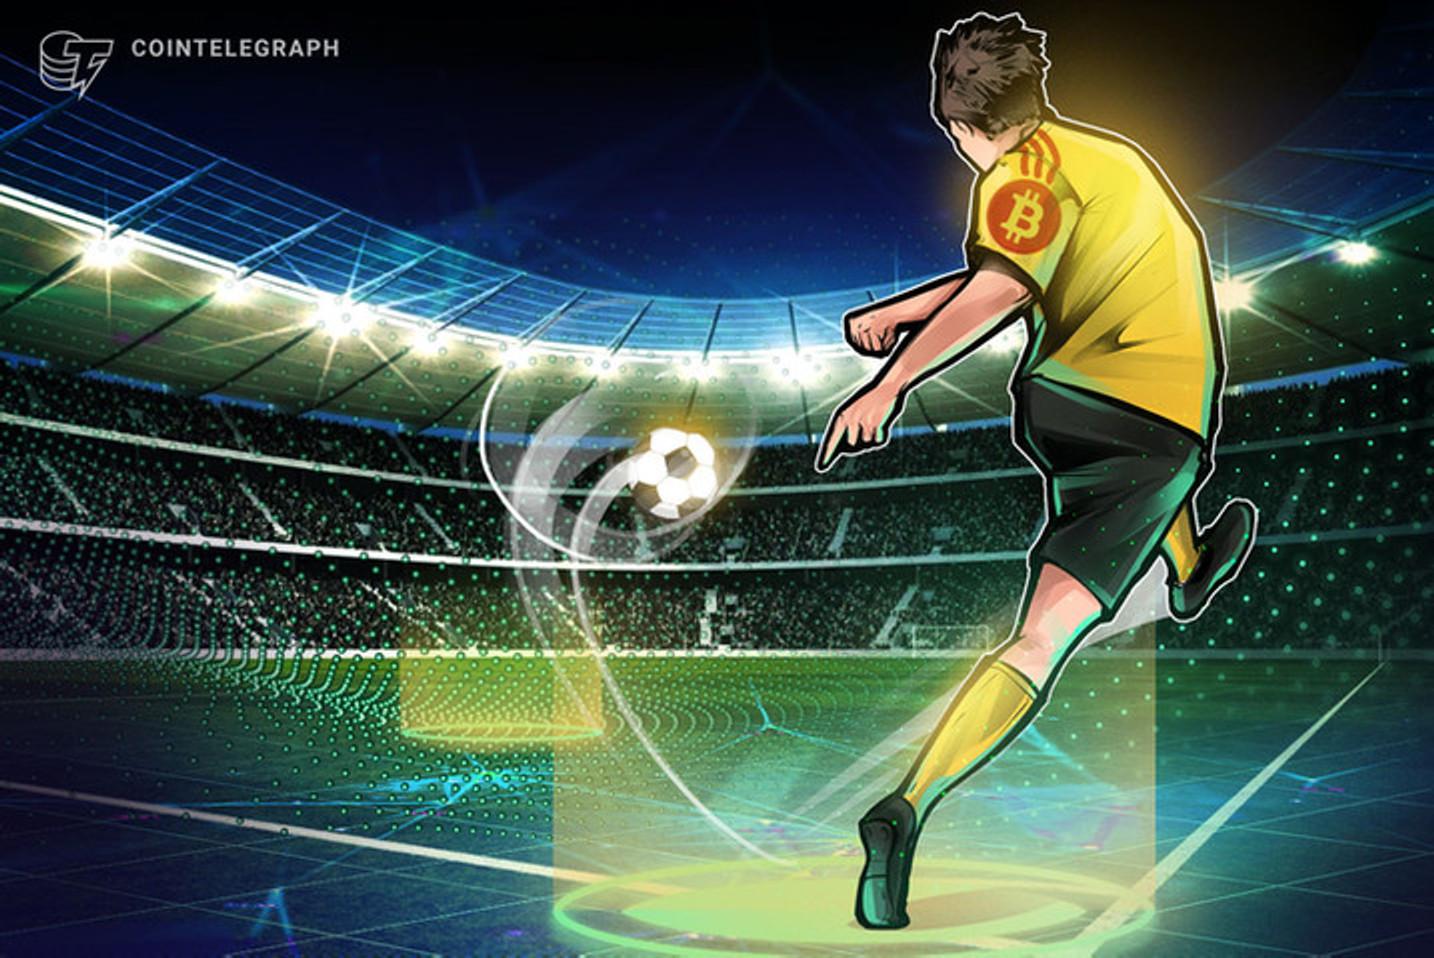 Patrocinador do Flamengo, site de apostas com criptomoedas anuncia parceria com time inglês